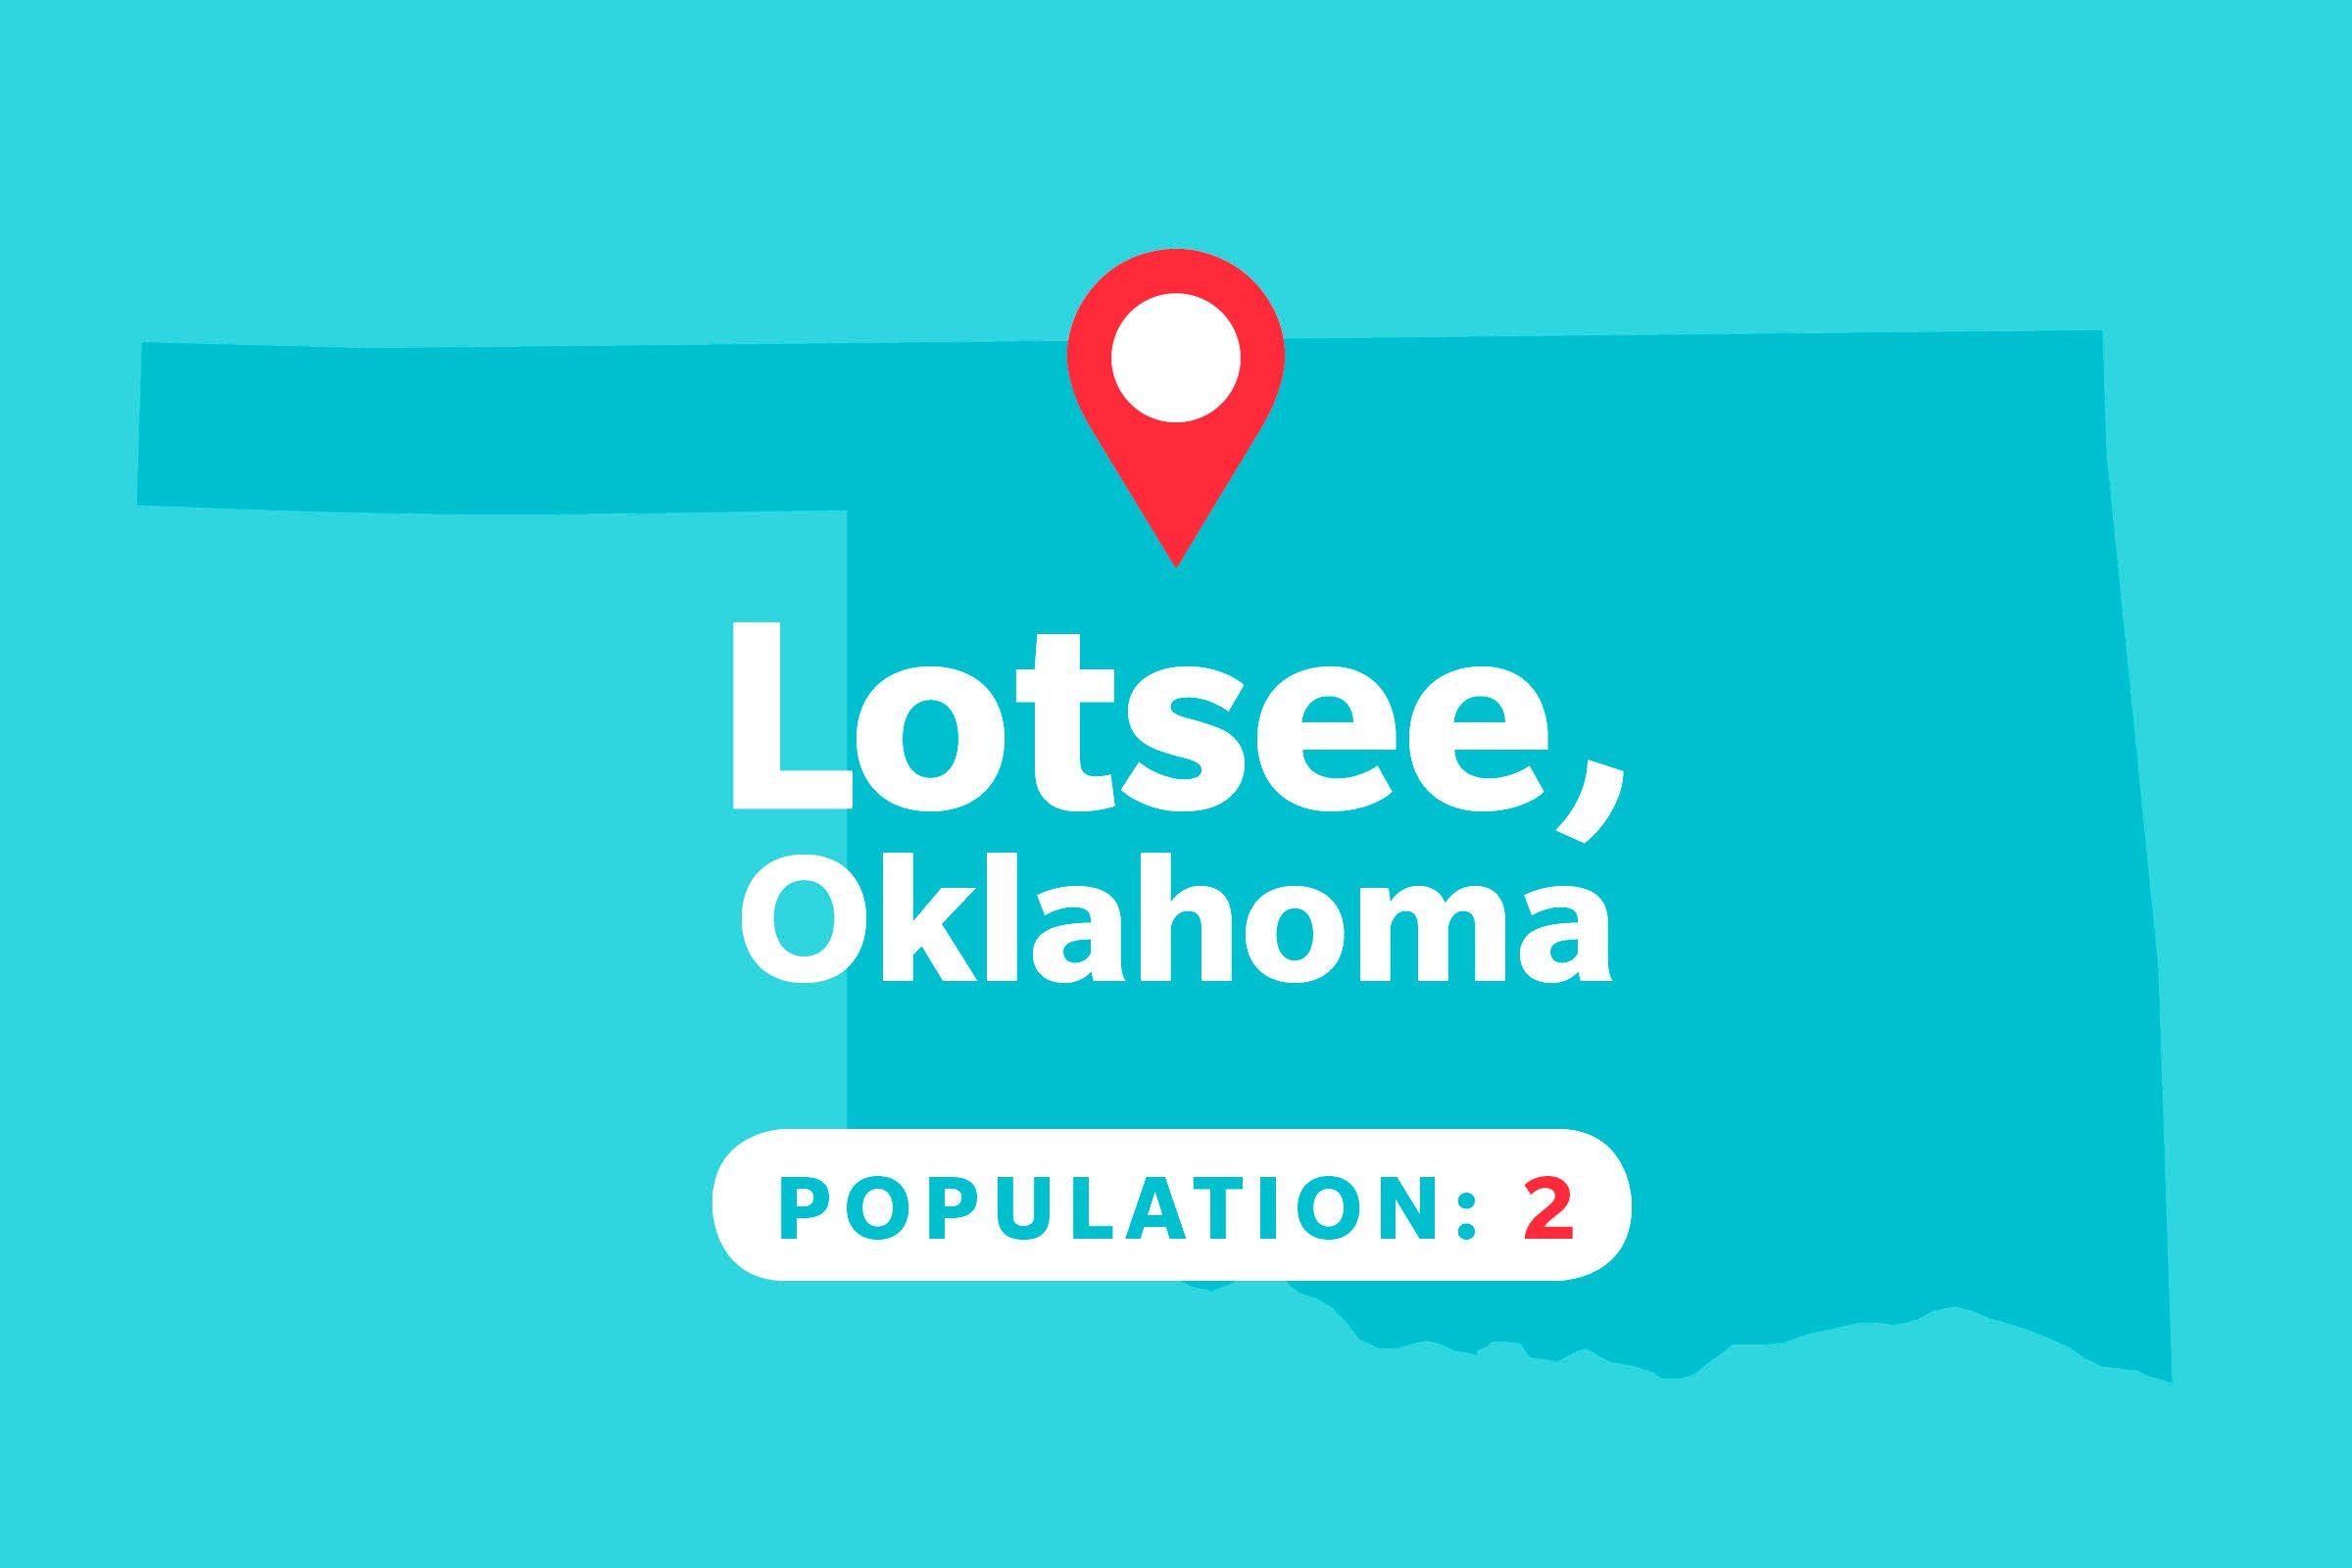 Lotsee, Oklahoma